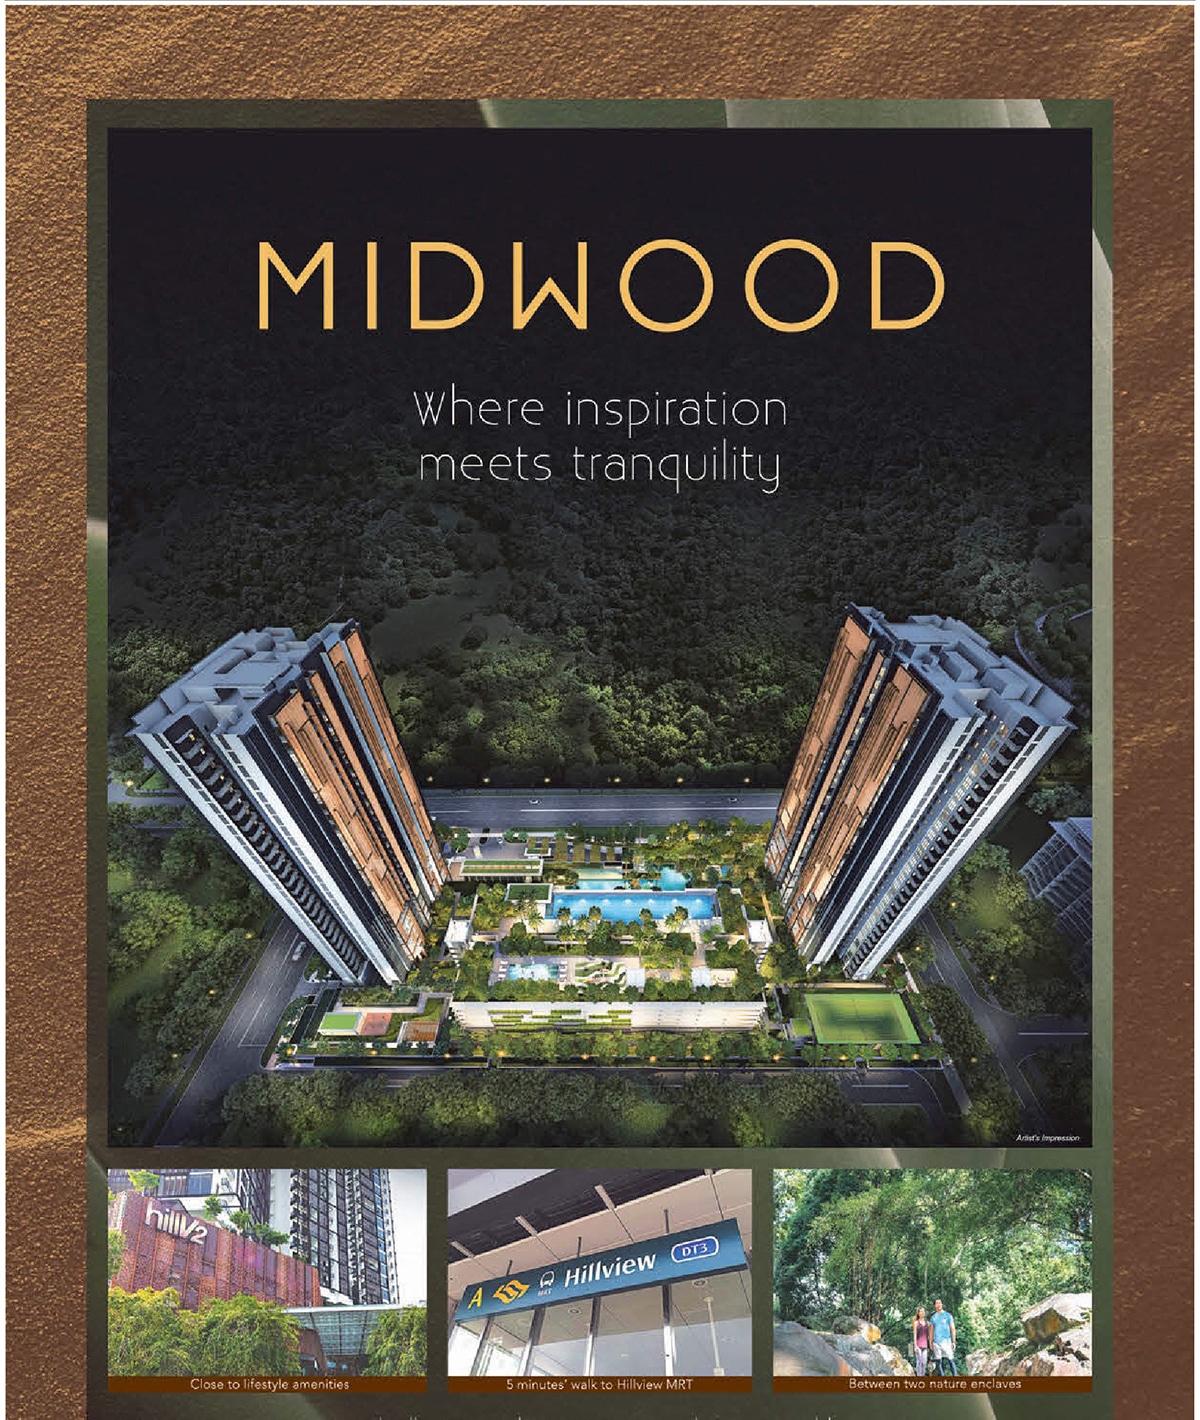 MIDWOOD CONDO